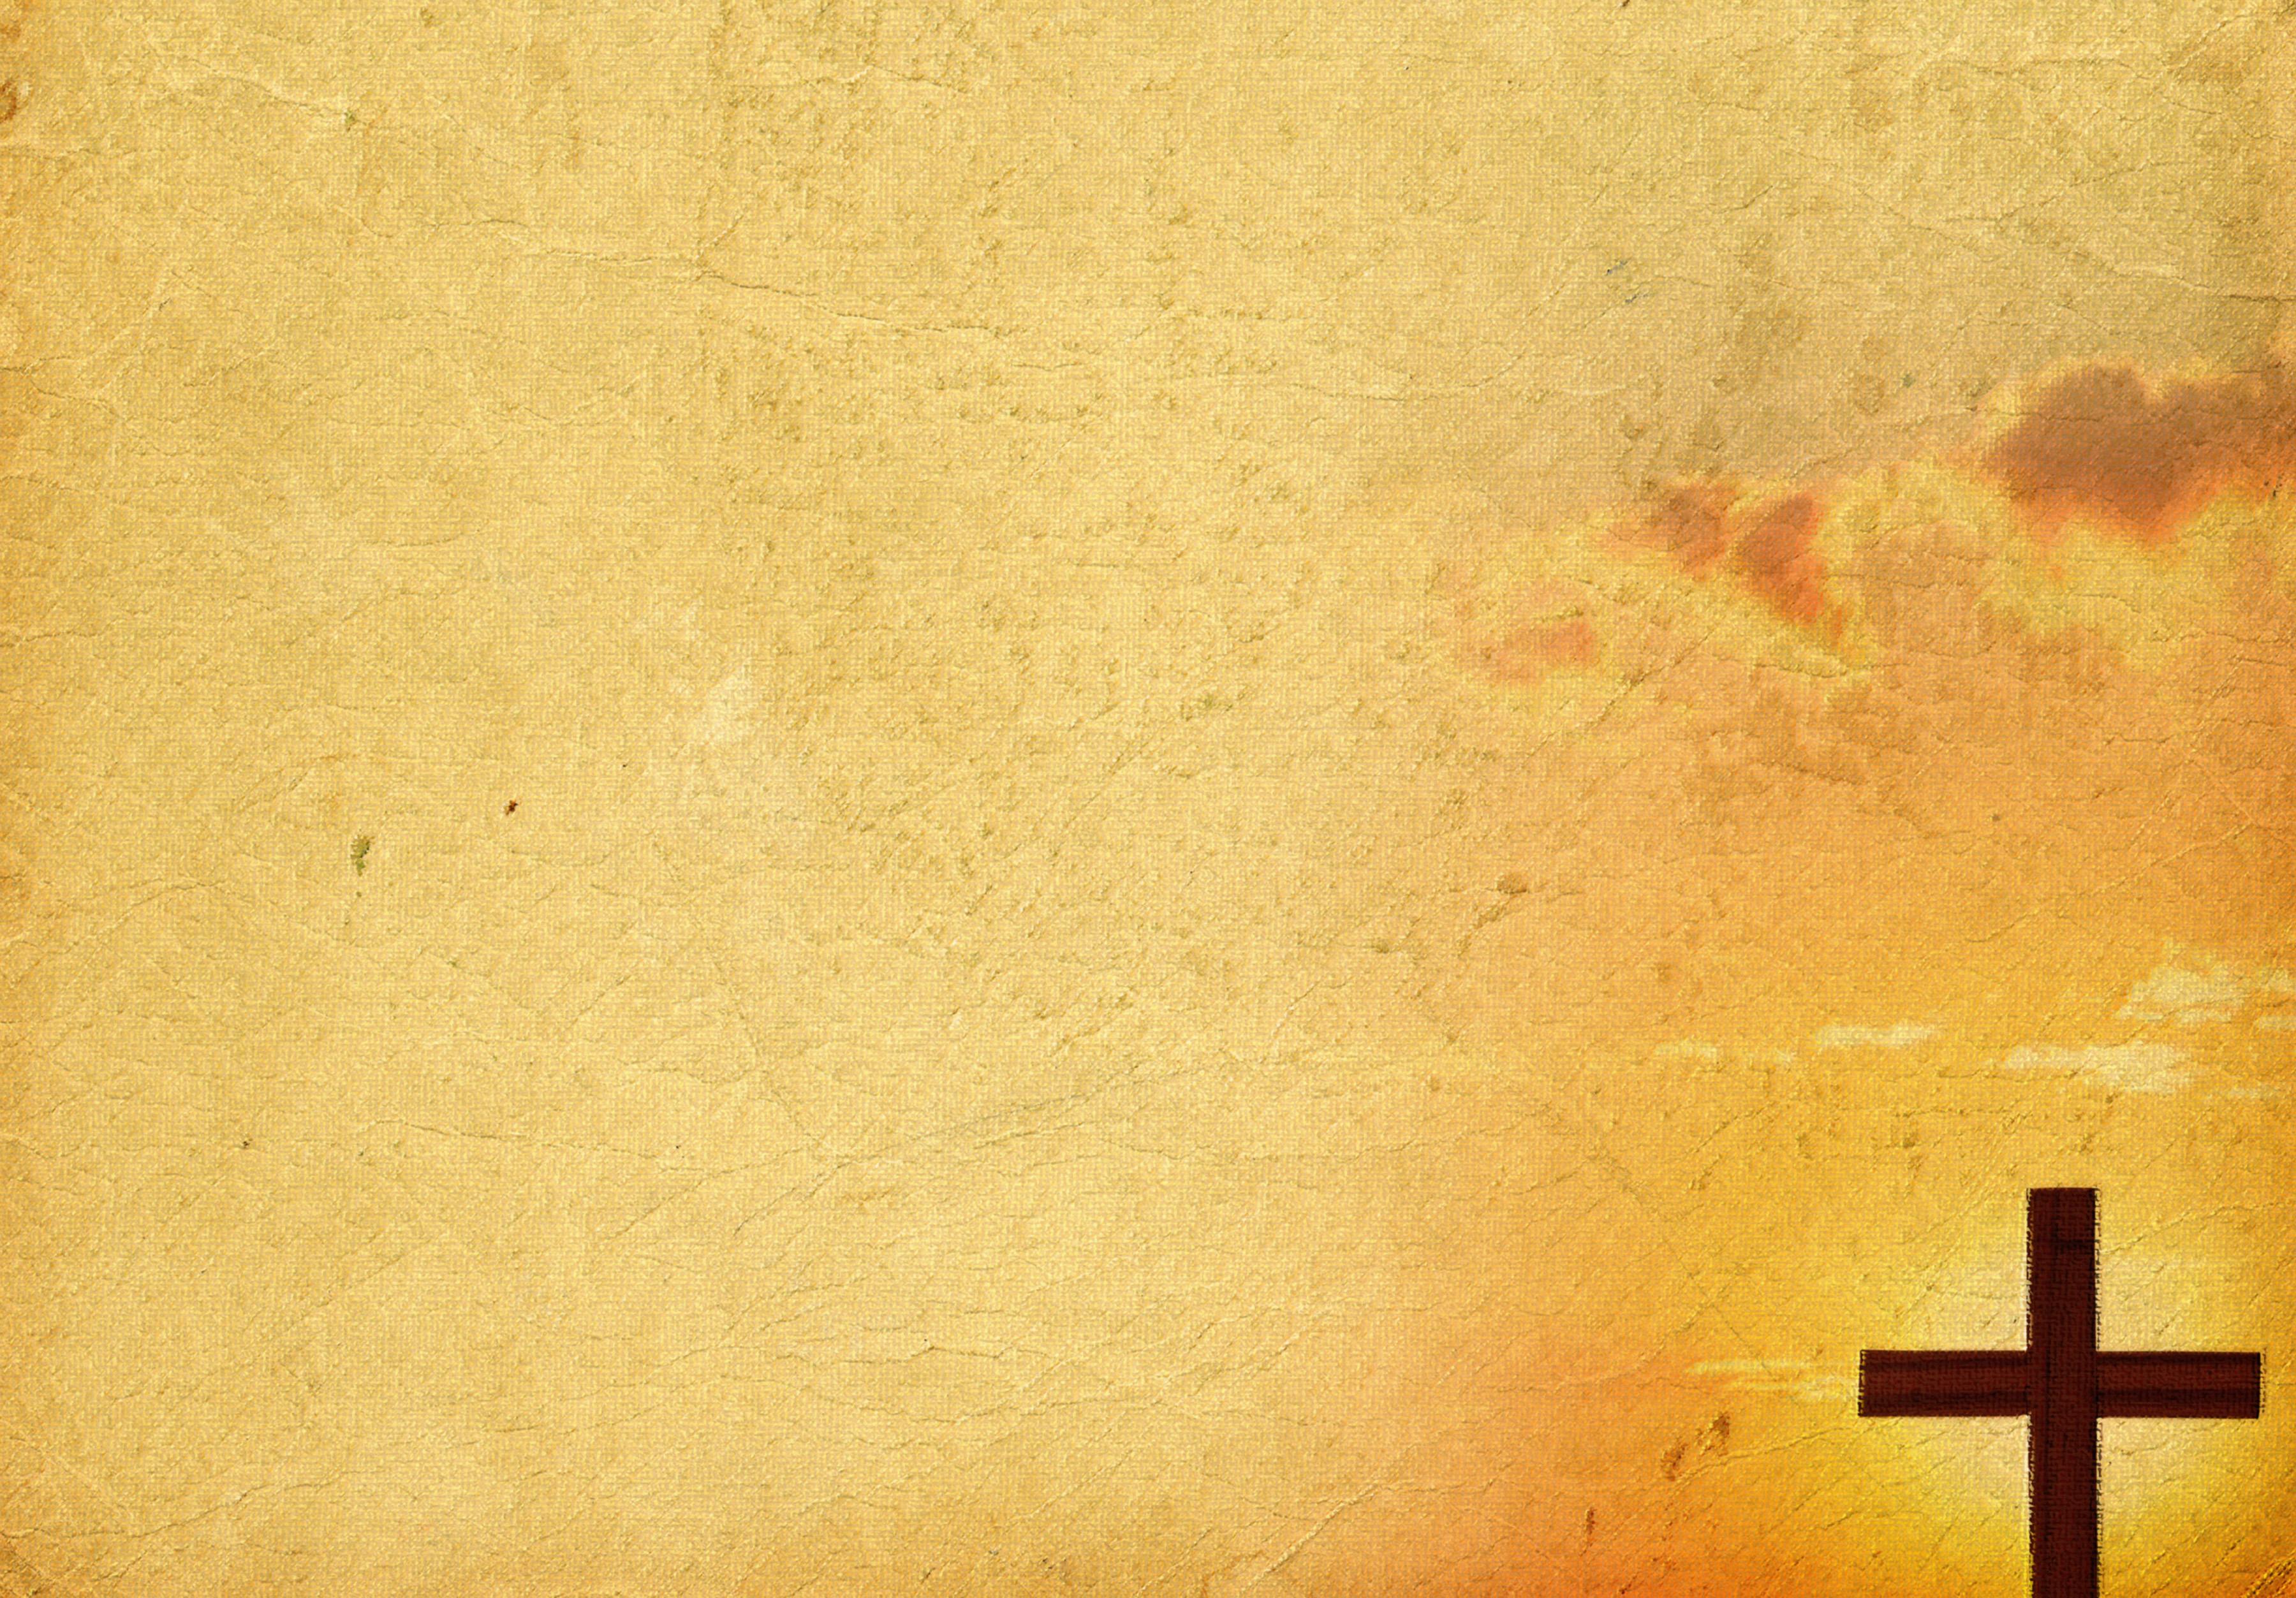 wallpapers de religion: El Liderazgo Religioso